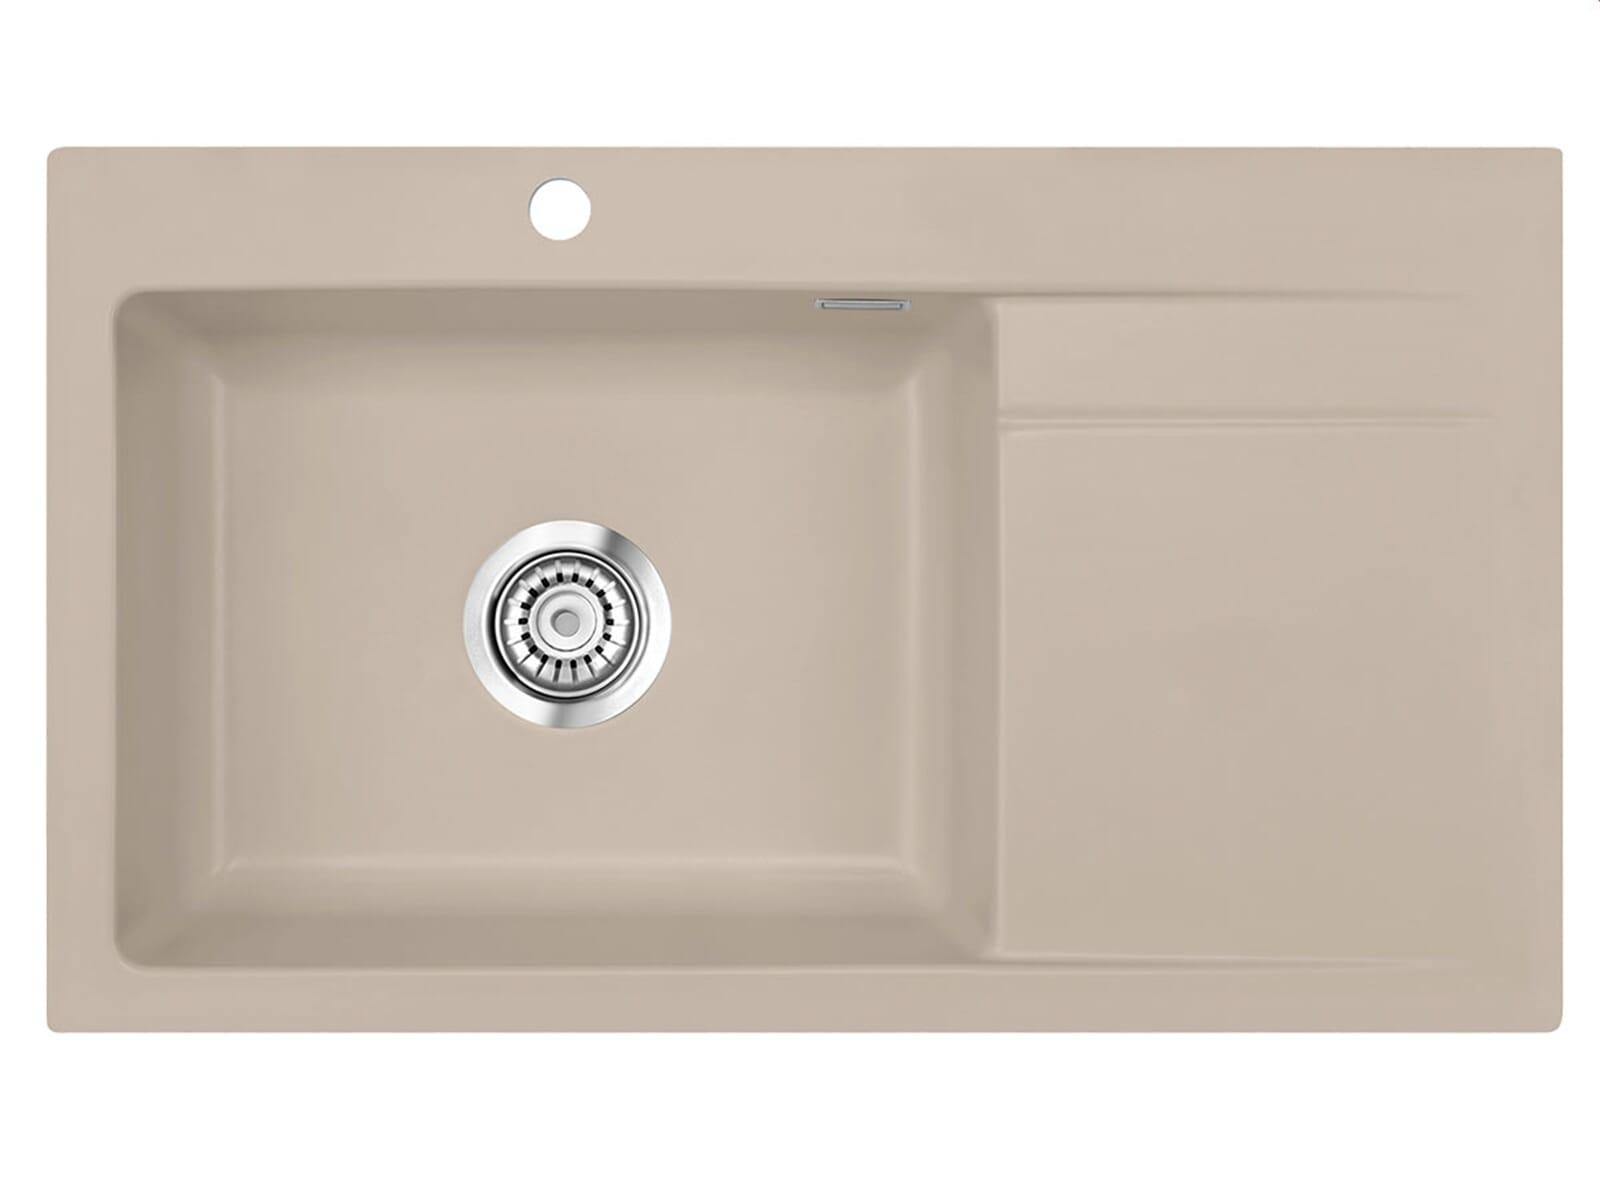 Systemceram Stema 86 SL Fango Keramikspüle Handbetätigung